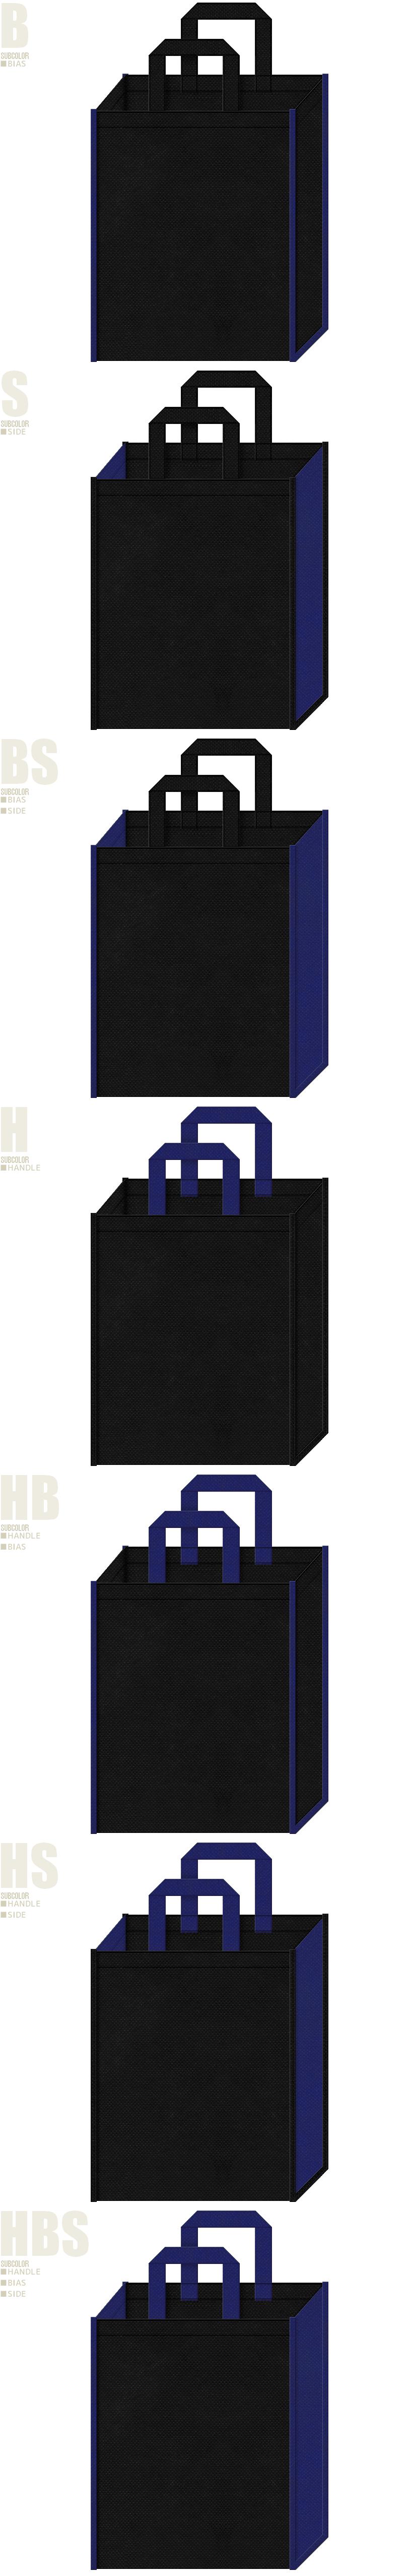 黒色と明るめの紺色、7パターンの不織布トートバッグ配色デザイン例。潜水艦・深海魚・ホラーゲームにお奨めです。